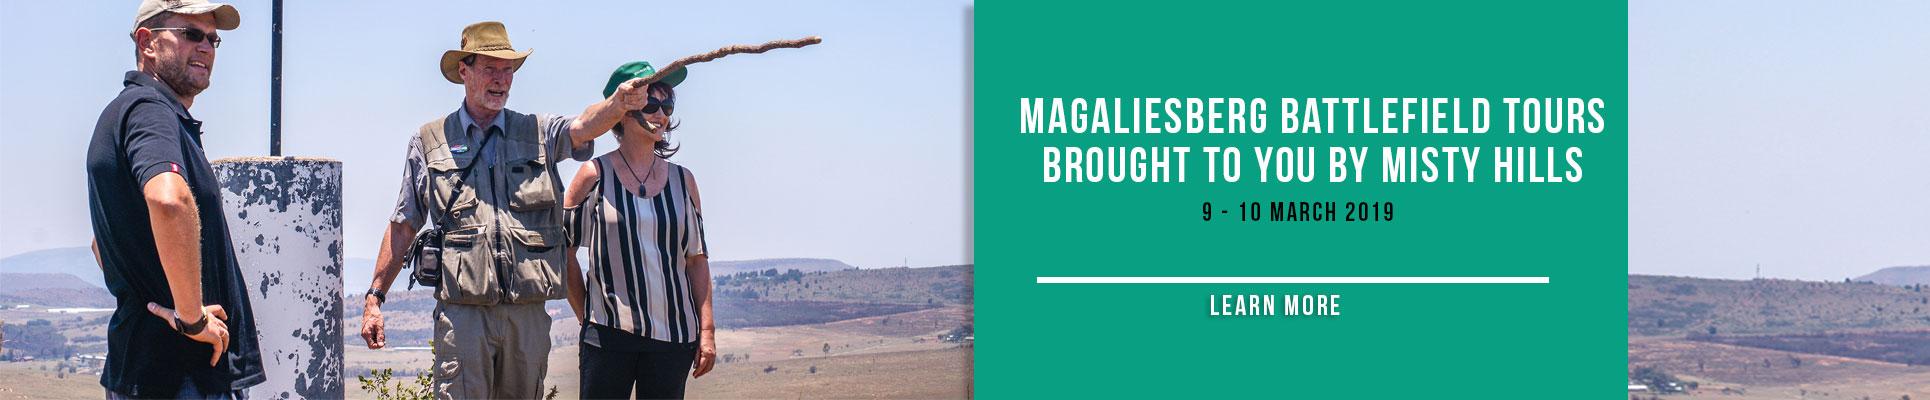 Misty Hills Country Hotel Magaliesberg Battlefields Tours Gauteng Muldersdrift 2019